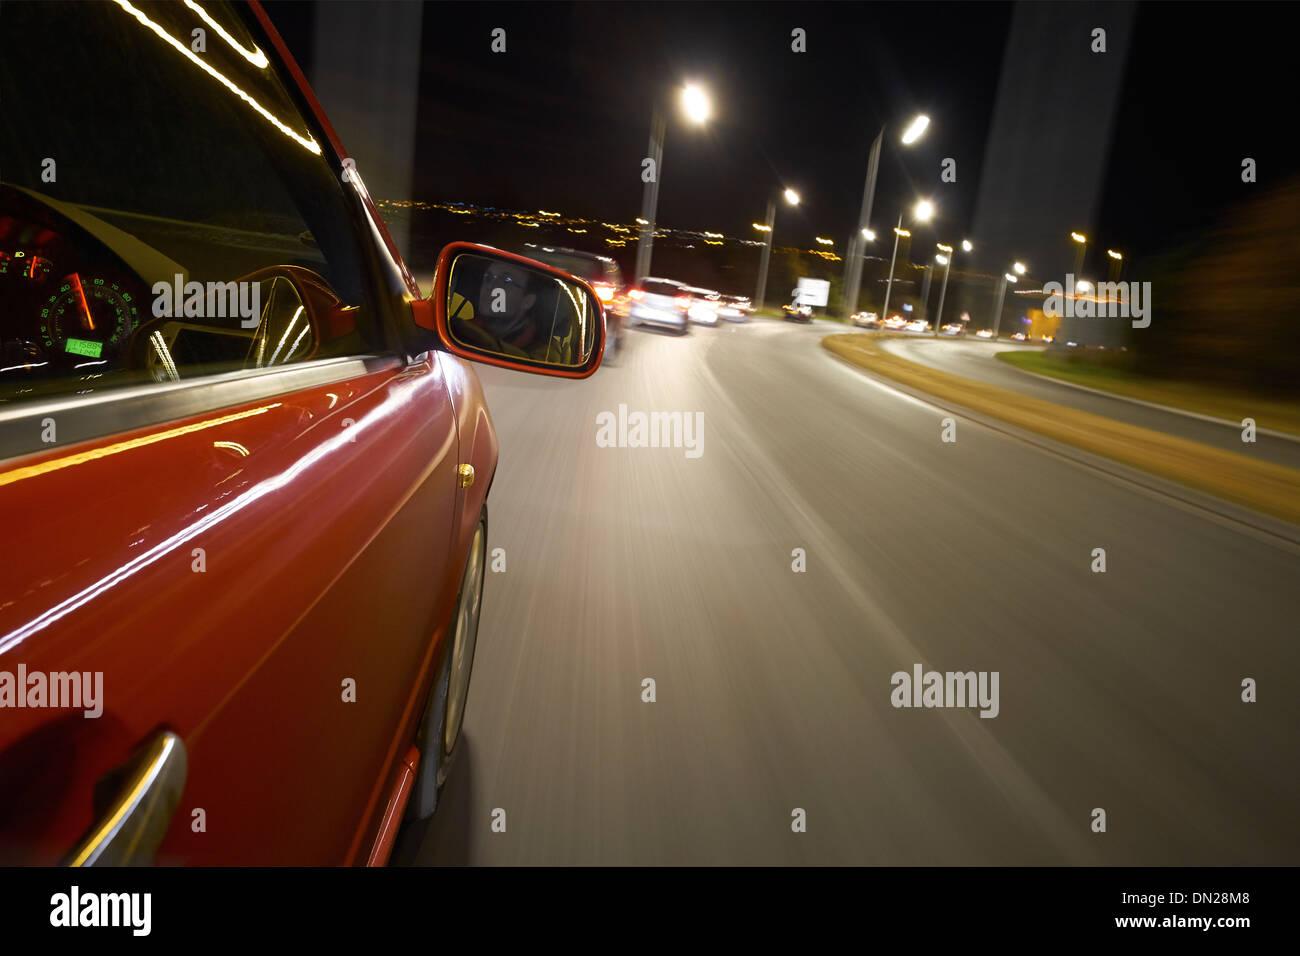 man driving car night stock photos amp man driving car night